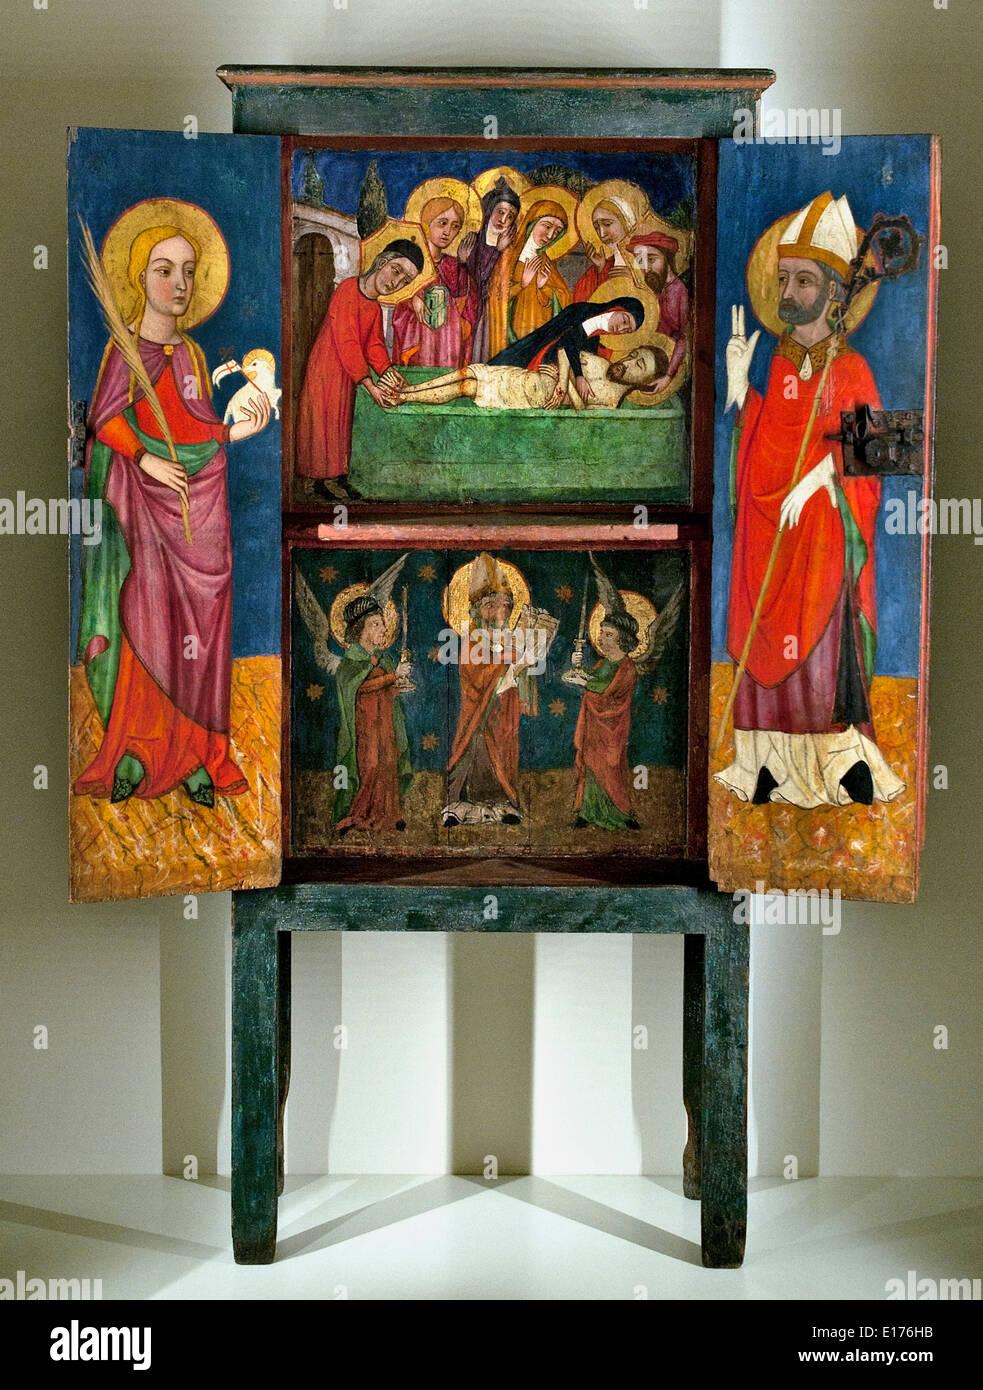 Armario con litúrgica del Santo Entierro Santa Inés 1400 Perpignan? ( Cataluña Rosellón ) Arte gótico medieval español Foto de stock